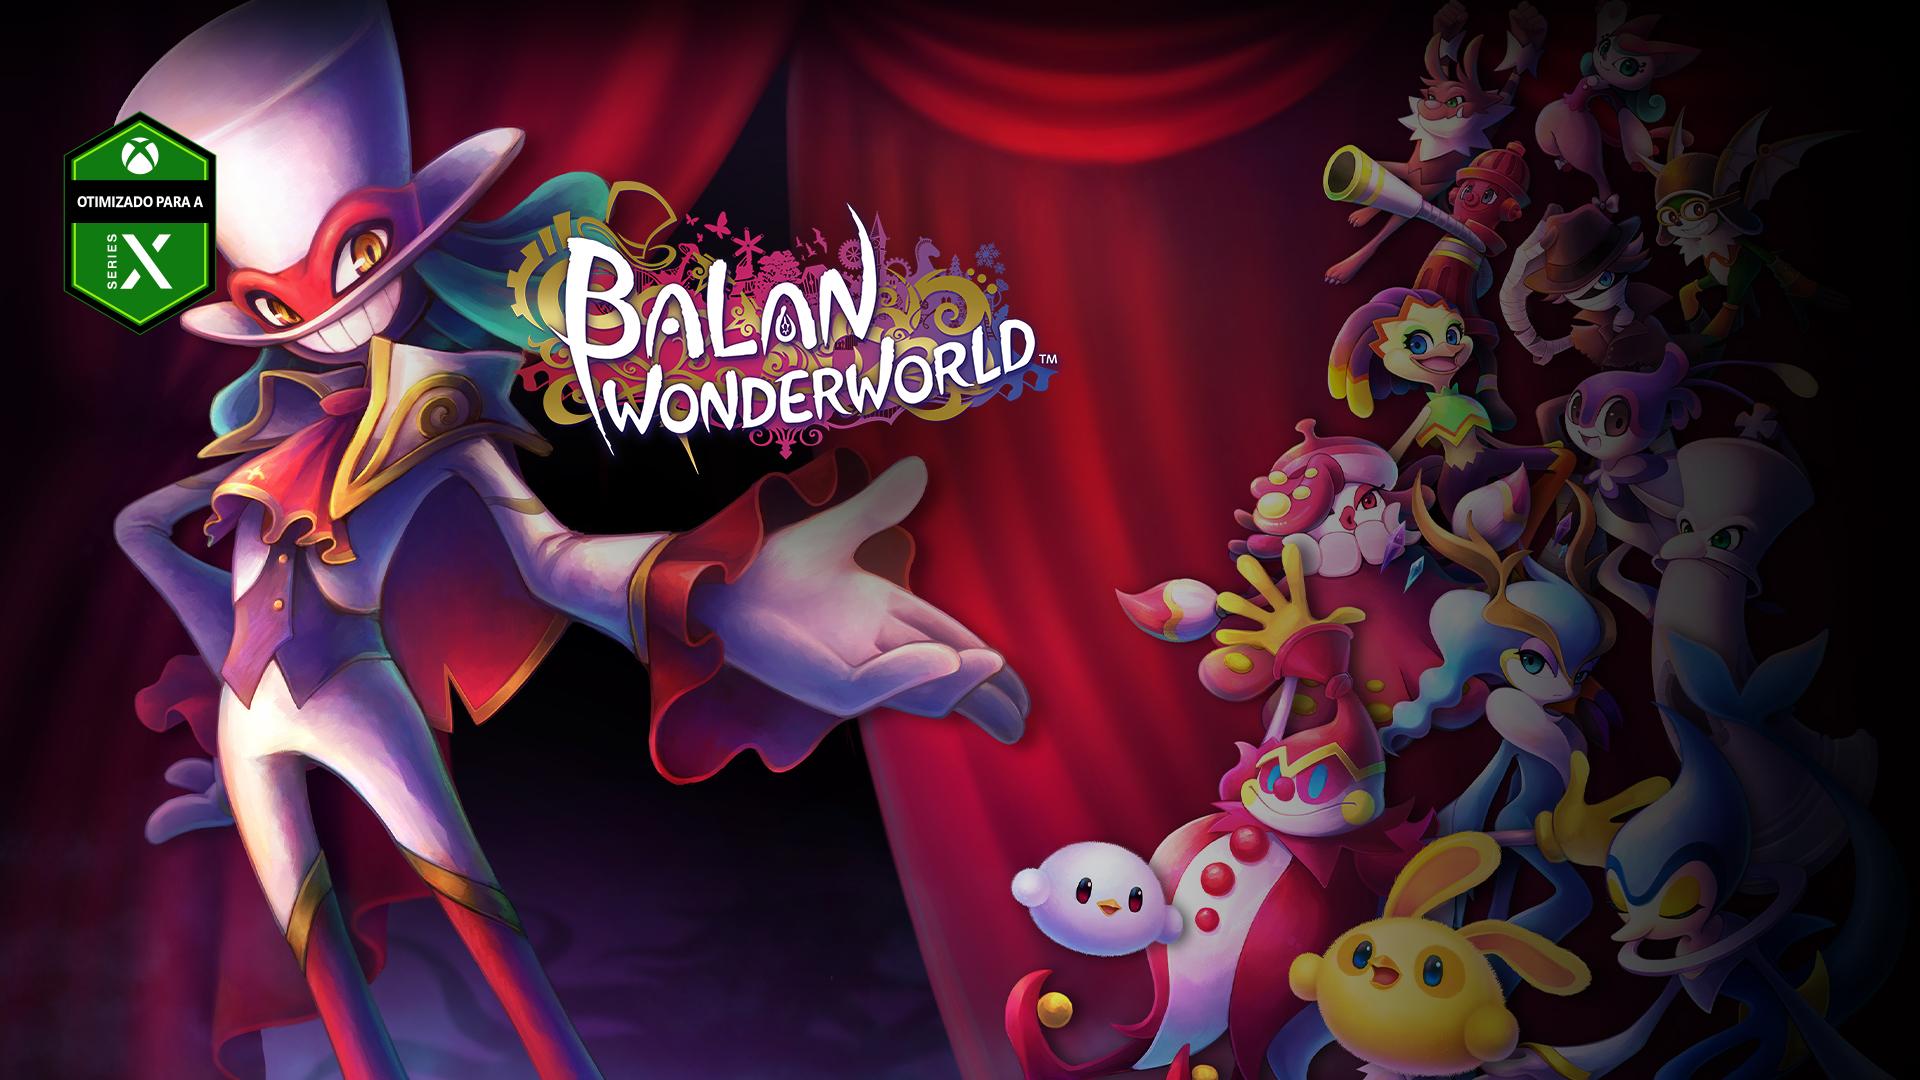 Otimizado para a Series X, Balan Wonderworld, Um demónio bem vestido gesticula para um grupo de criaturas coloridas.